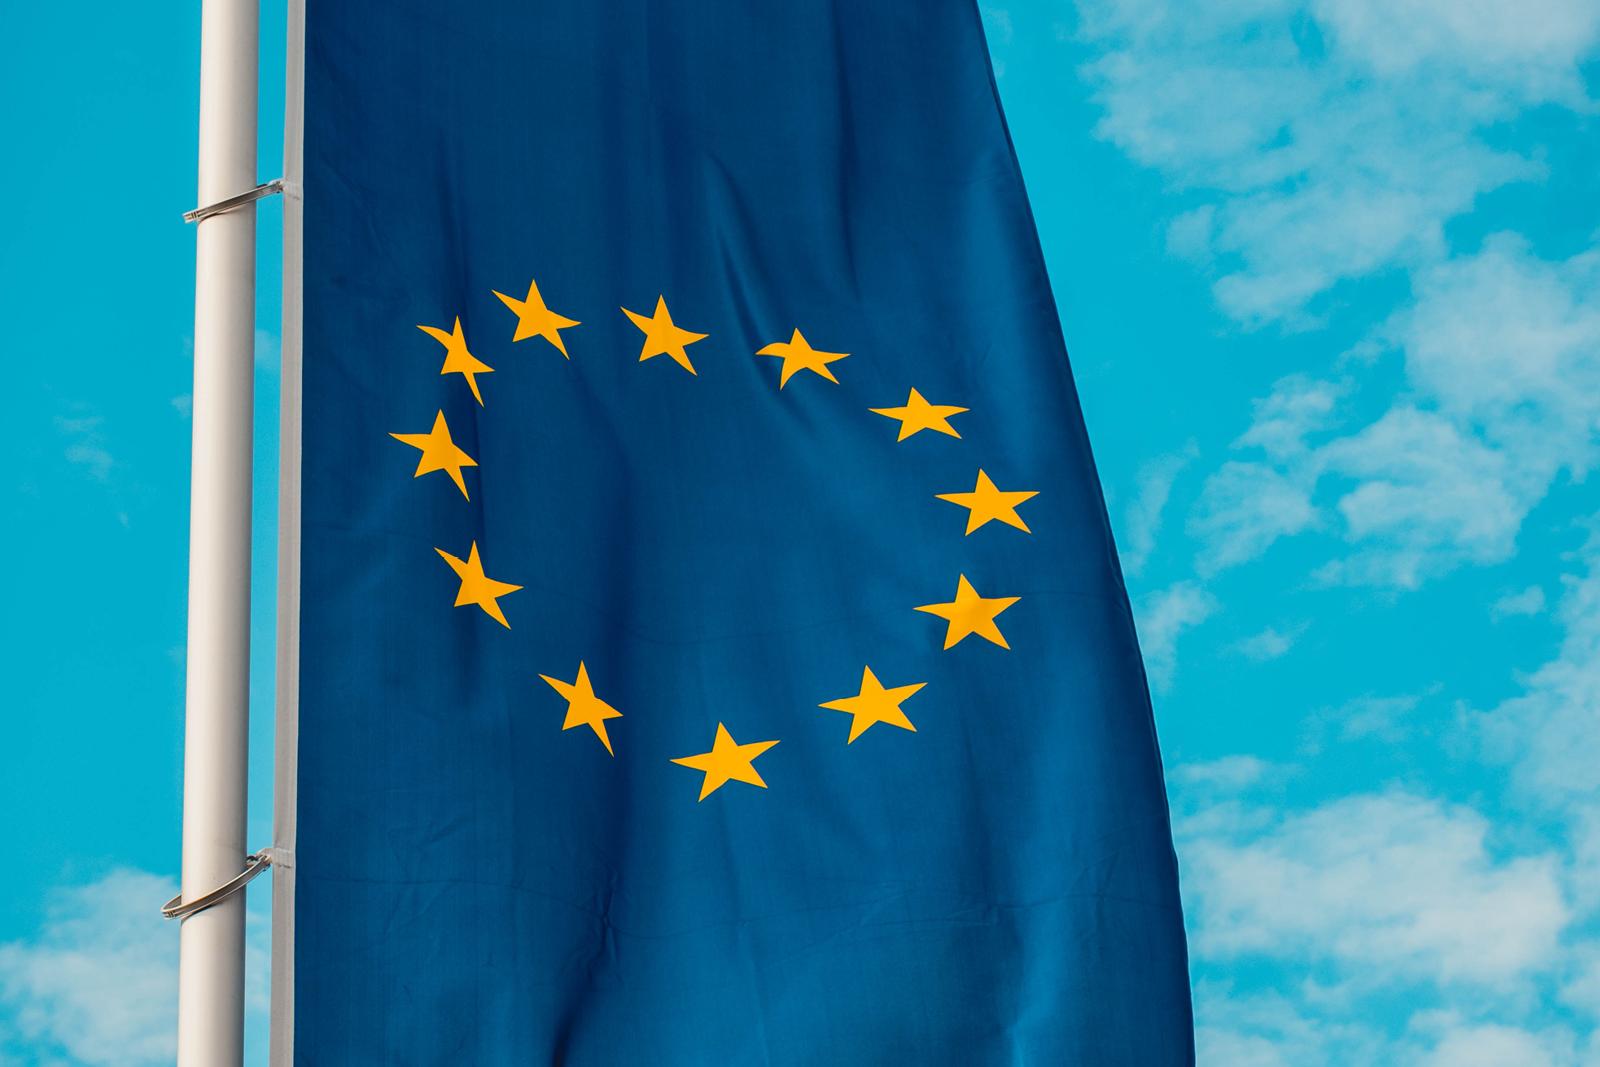 conseil réussir accélérateur conseil europeen instrument pme